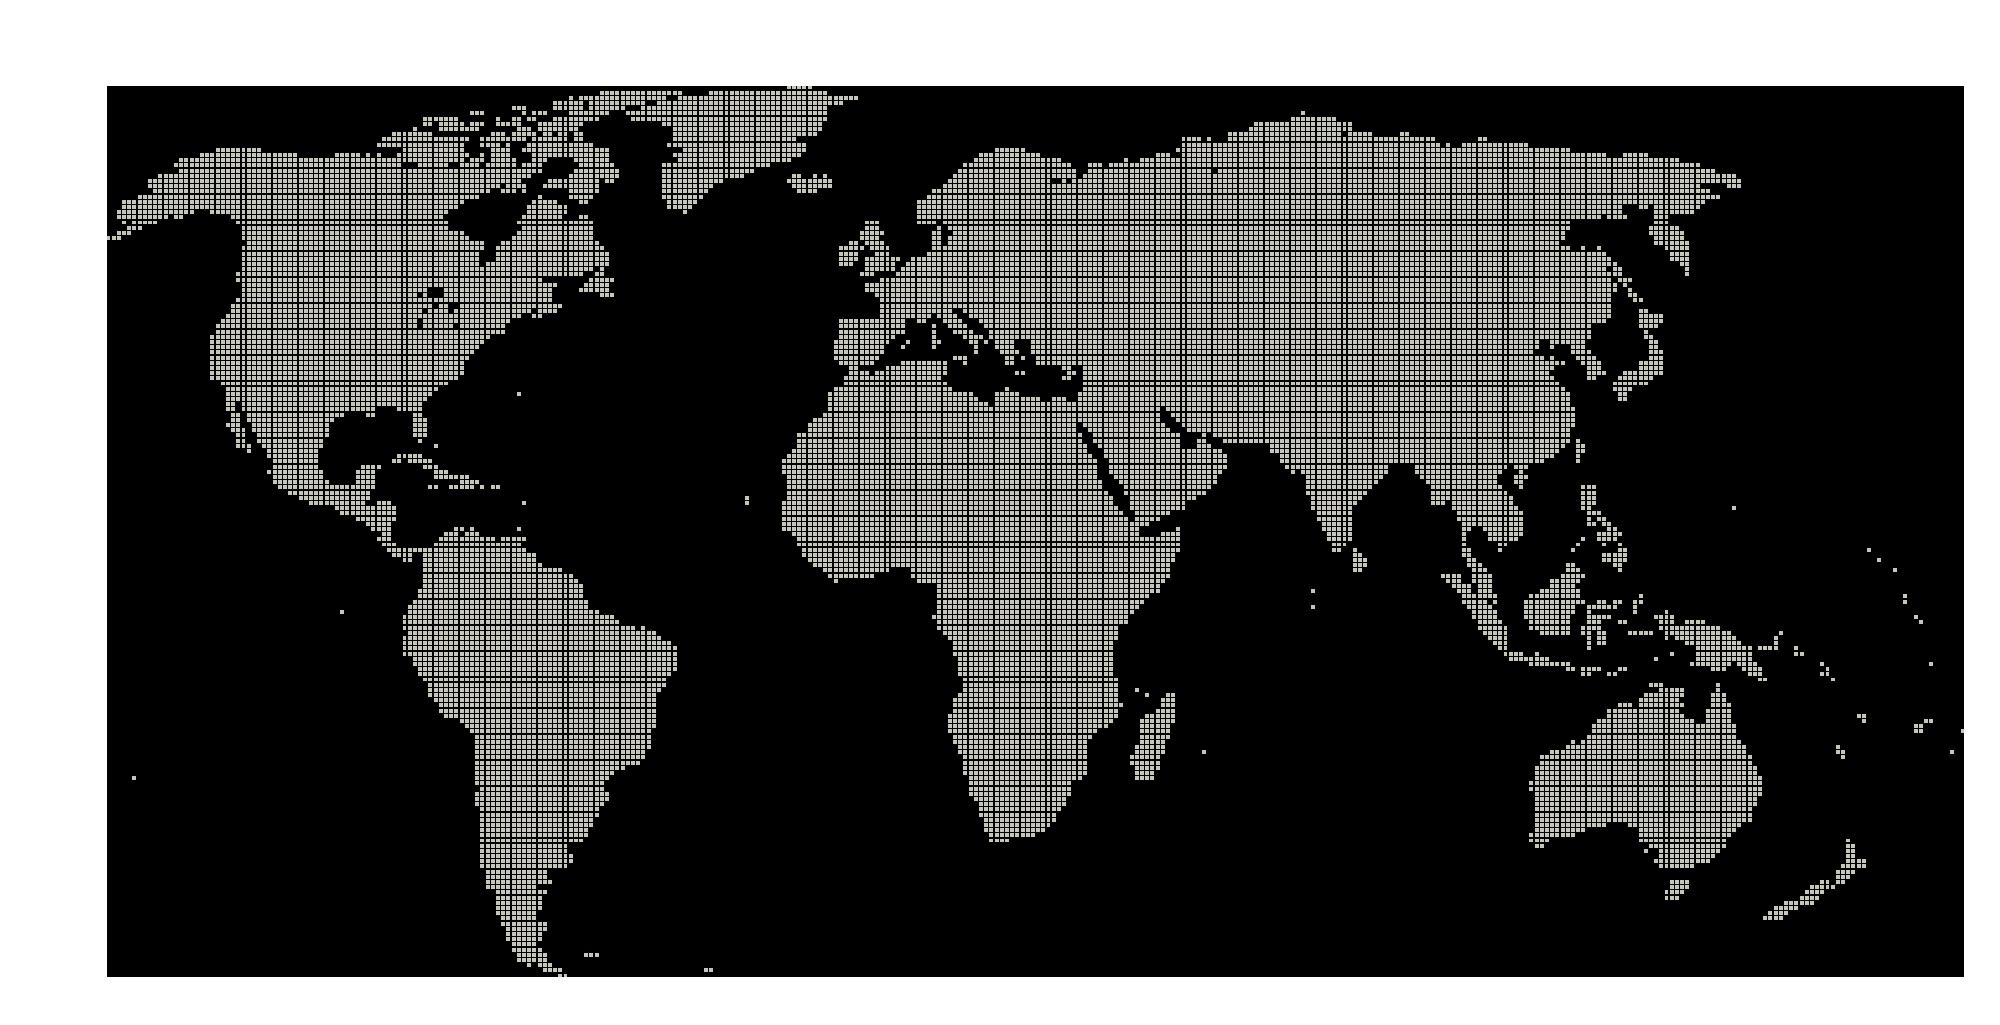 Niederlassungen und Projekte von FEPS weltweit